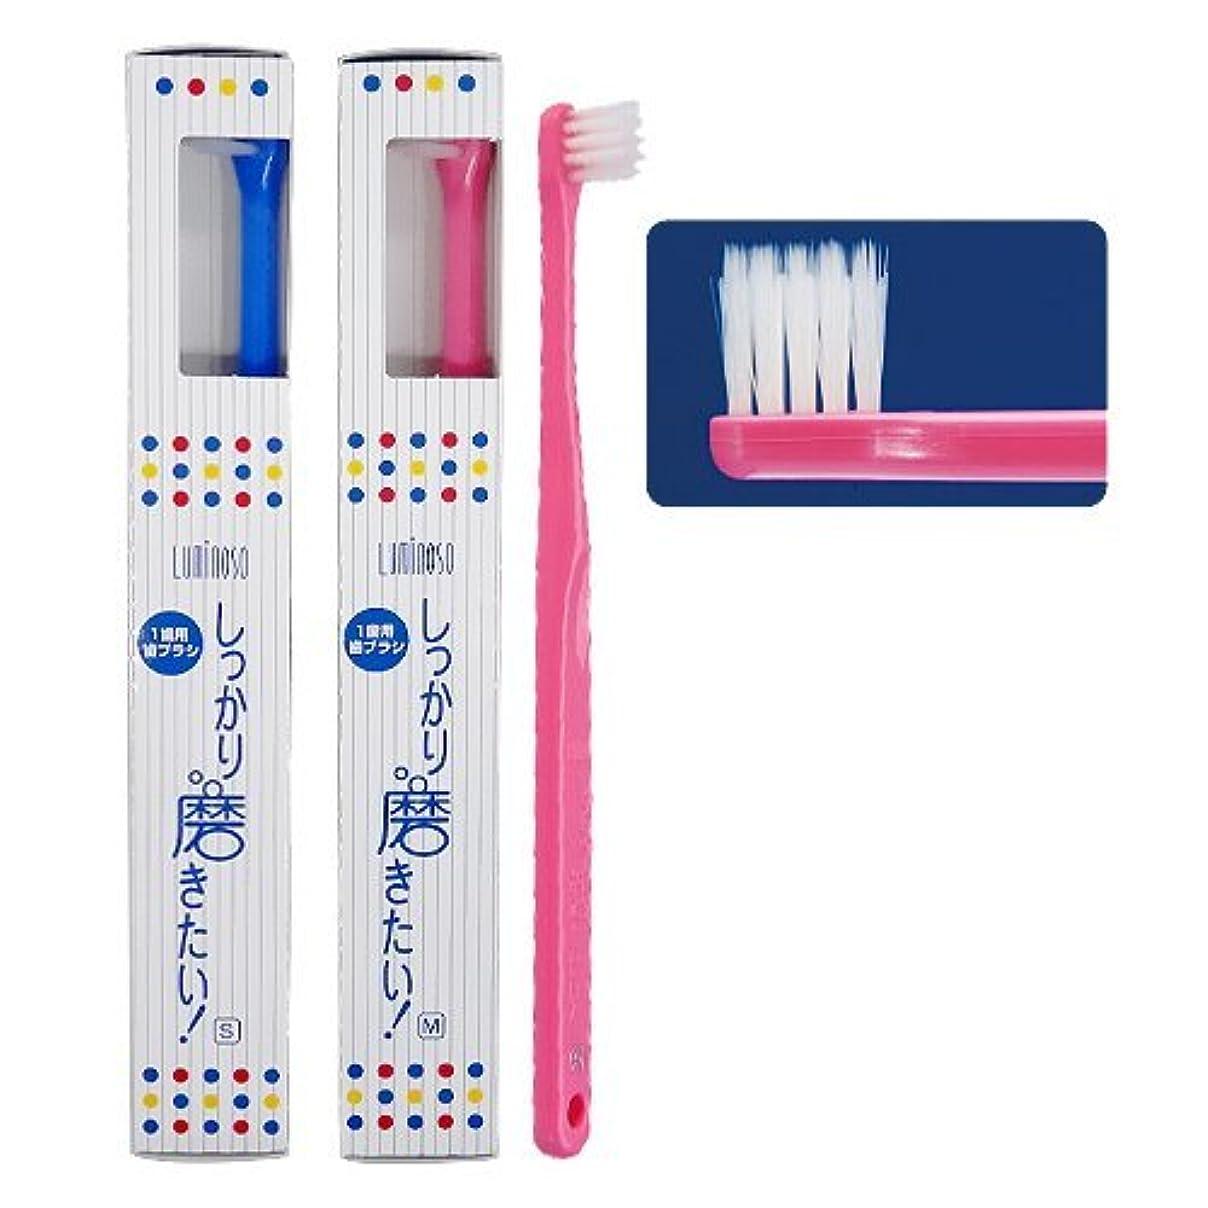 ダイアクリティカルフェリー集めるルミノソ 1歯用歯ブラシ「しっかり磨きたい!」スタンダード ソフト (カラー指定不可) 10本